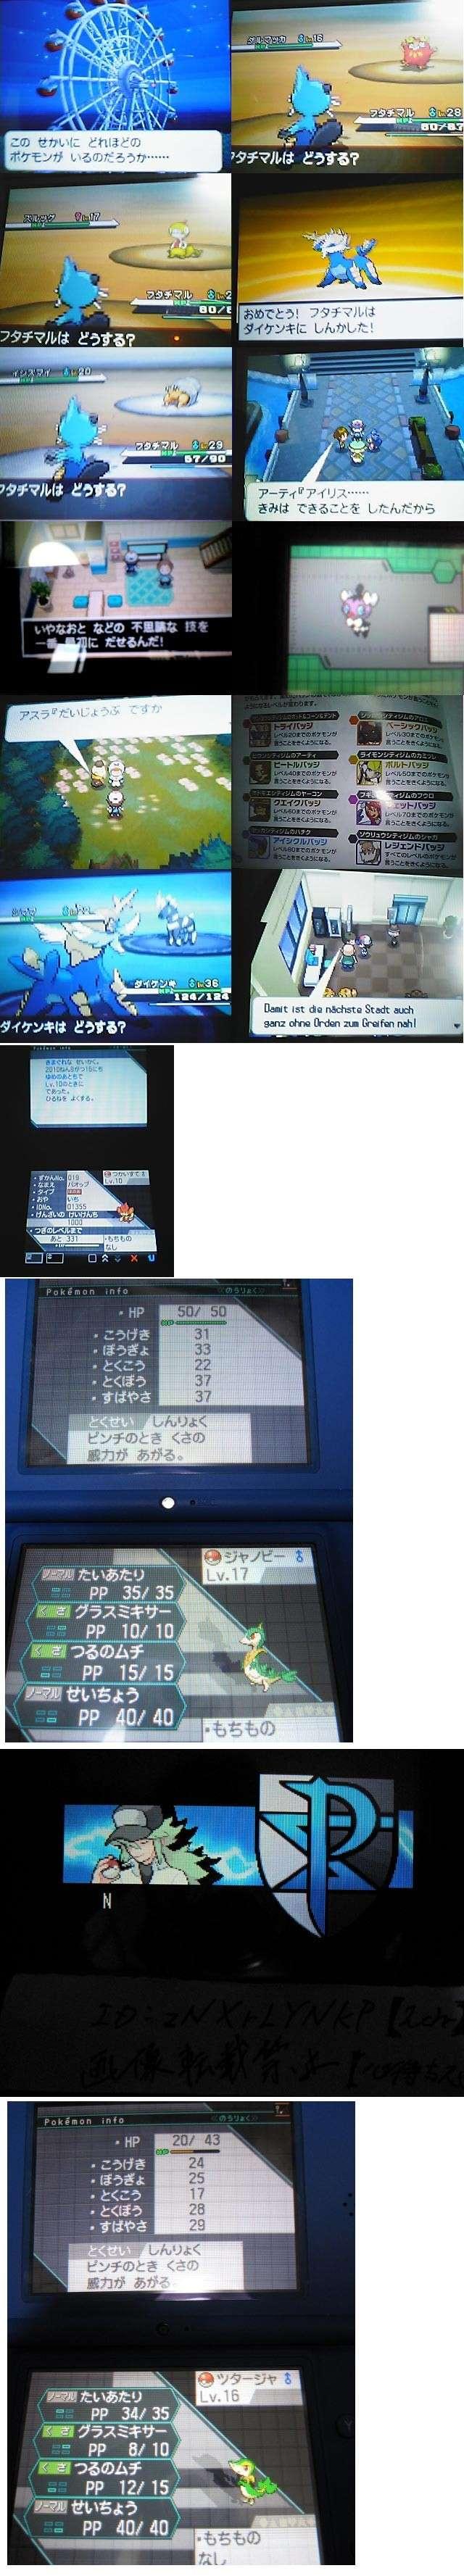 Pokémon Noir et Blanc : screen en pagaille 37711